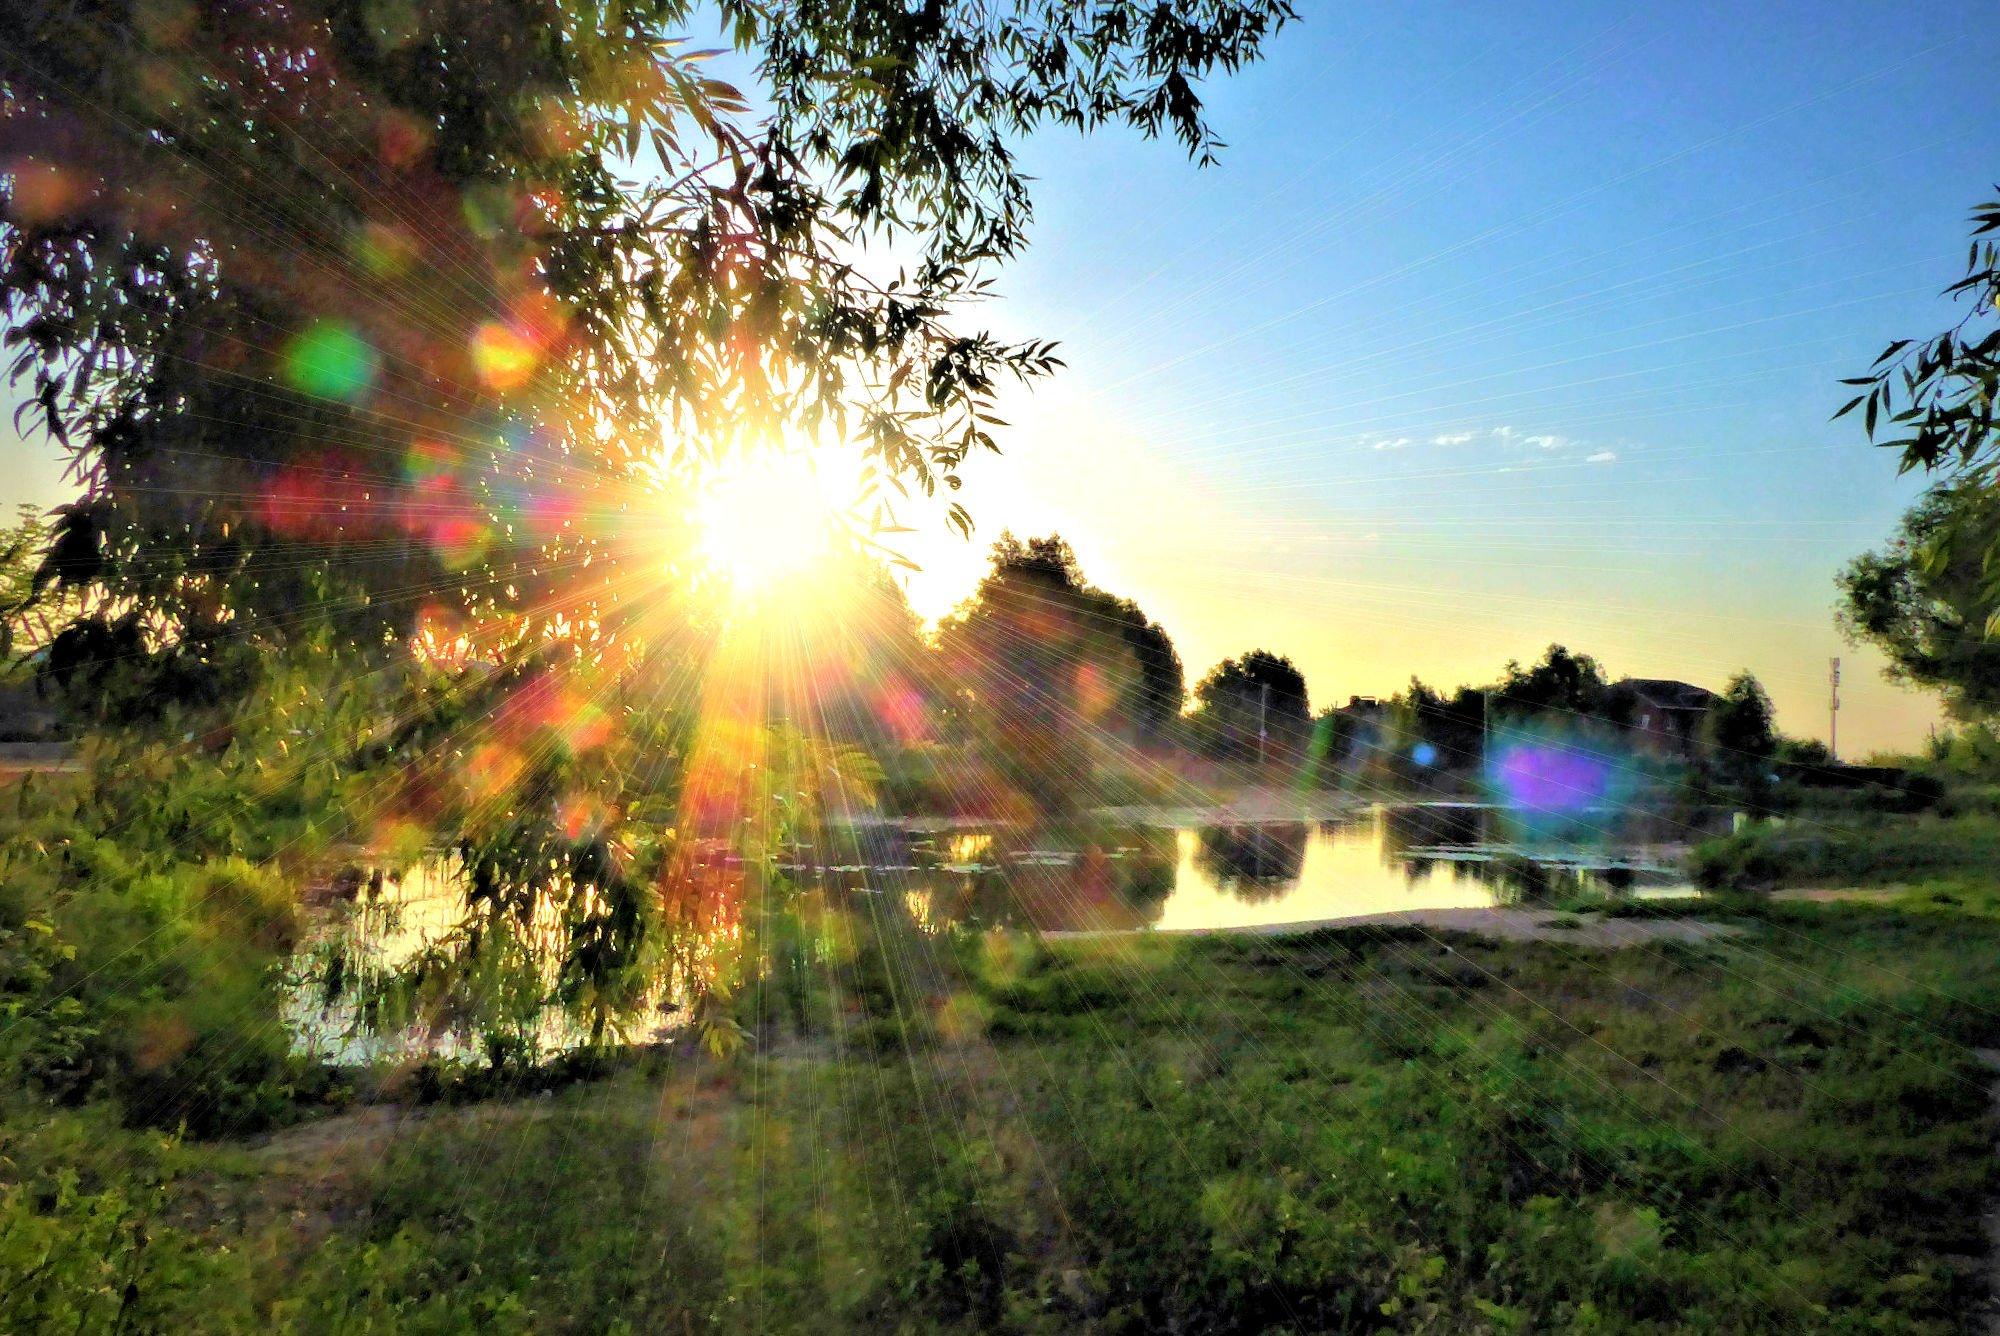 утро лето рассвет солнце красивые картинки феврония символ семейного